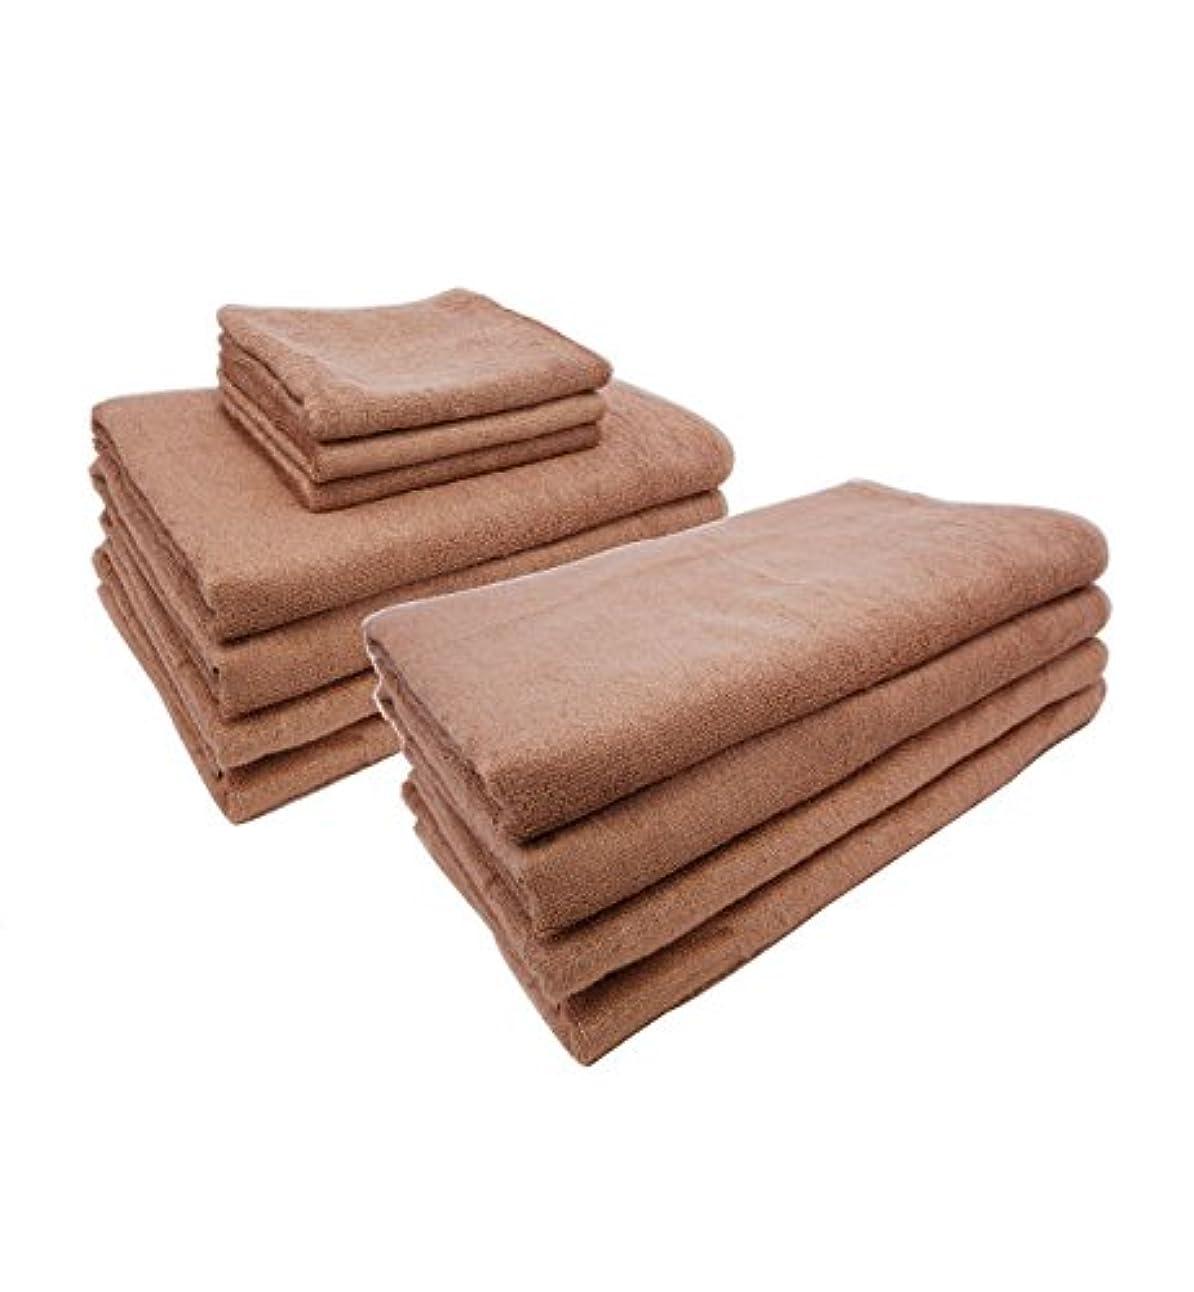 未接続更新するスカーフまとめ売り やわらか バンブー 竹繊維 バスタオルL (ソフトベージュ 5枚) 80×150cm 竹タオル 業務用タオル